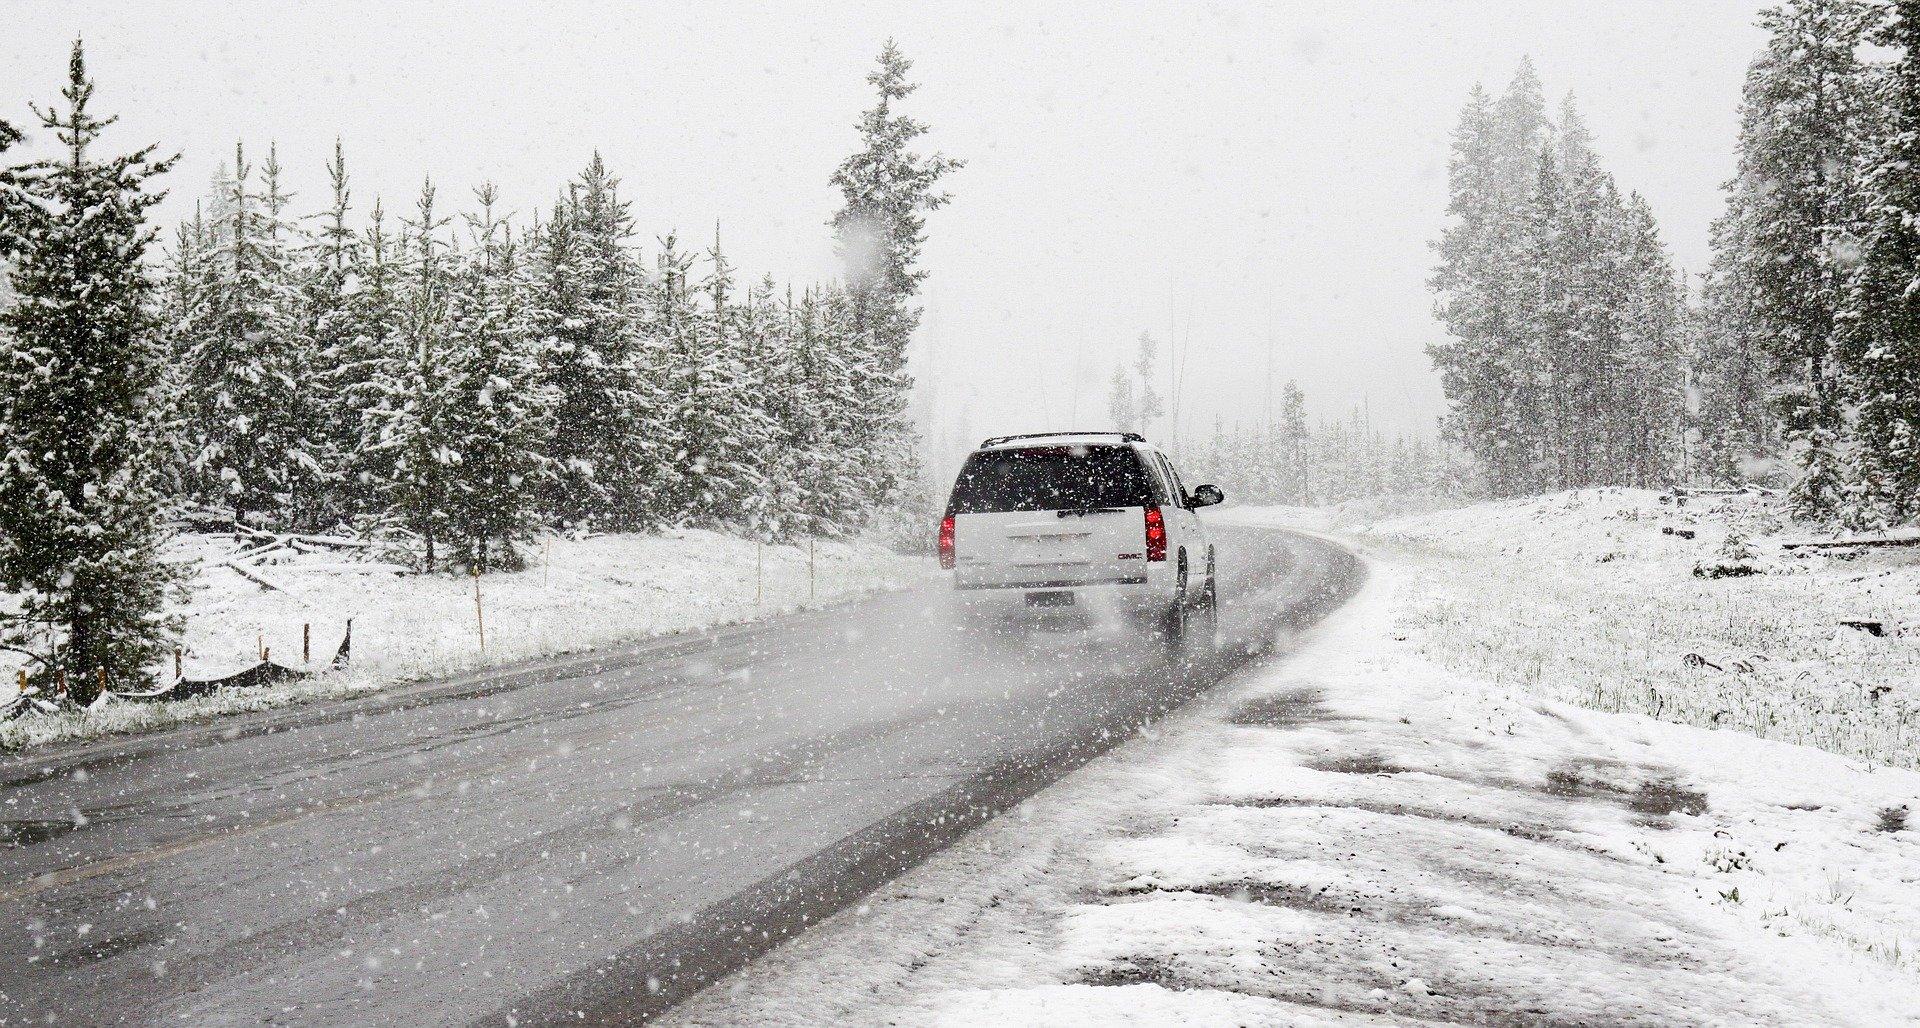 Nadchodzą intensywne opady śniegu. Ostrzeżenie dla naszego powiatu - Zdjęcie główne